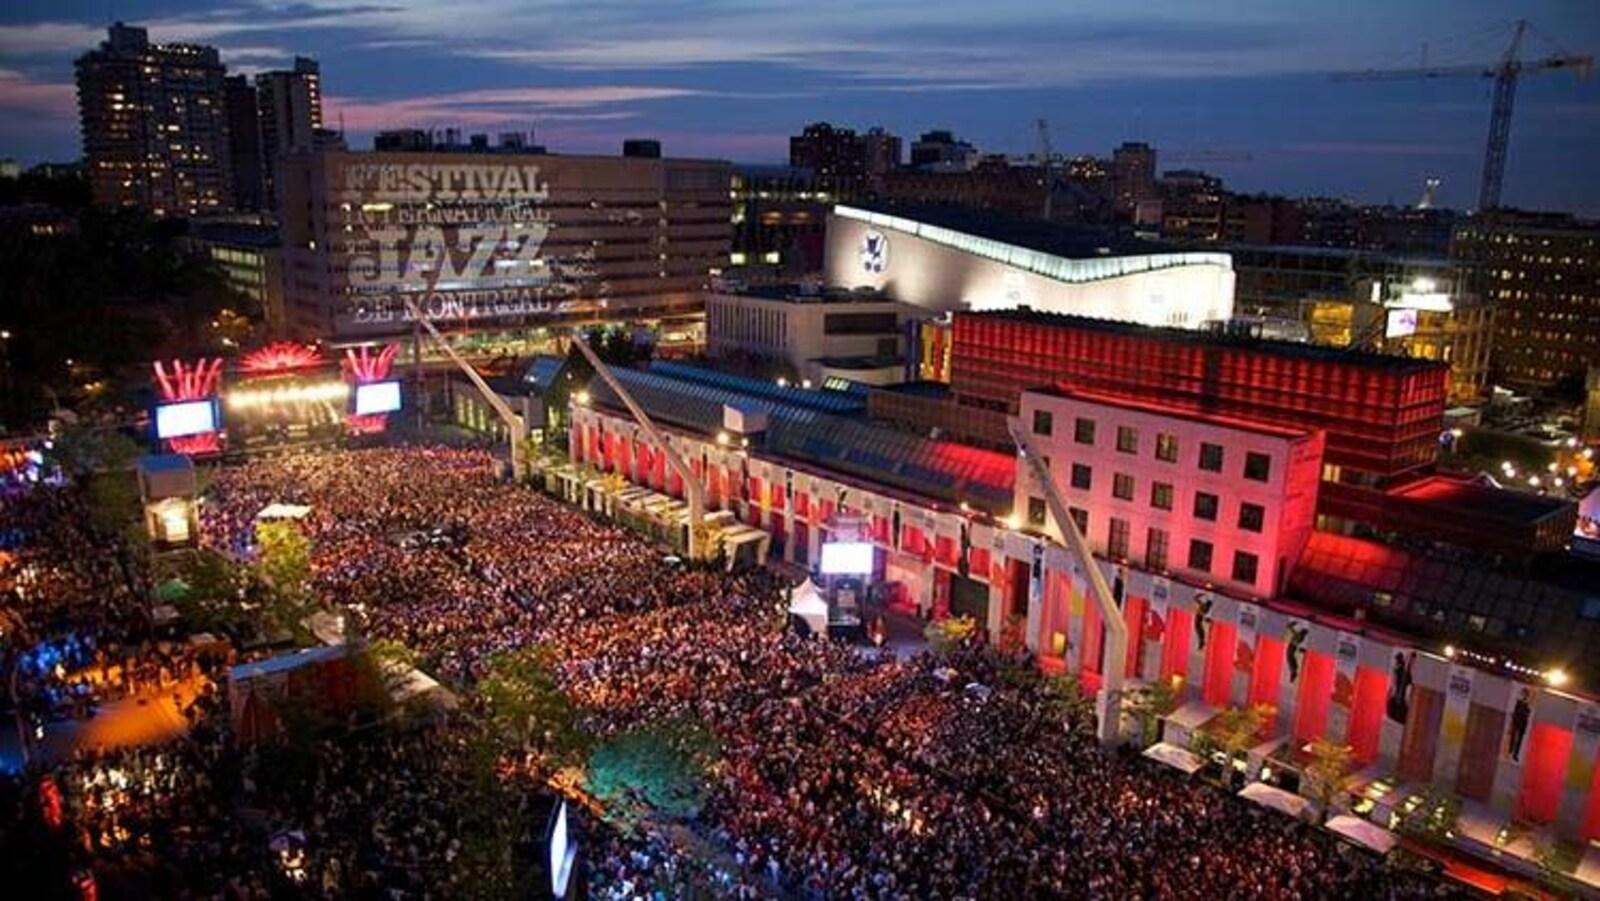 La foule au Festival international de jazz de Montréal 2016